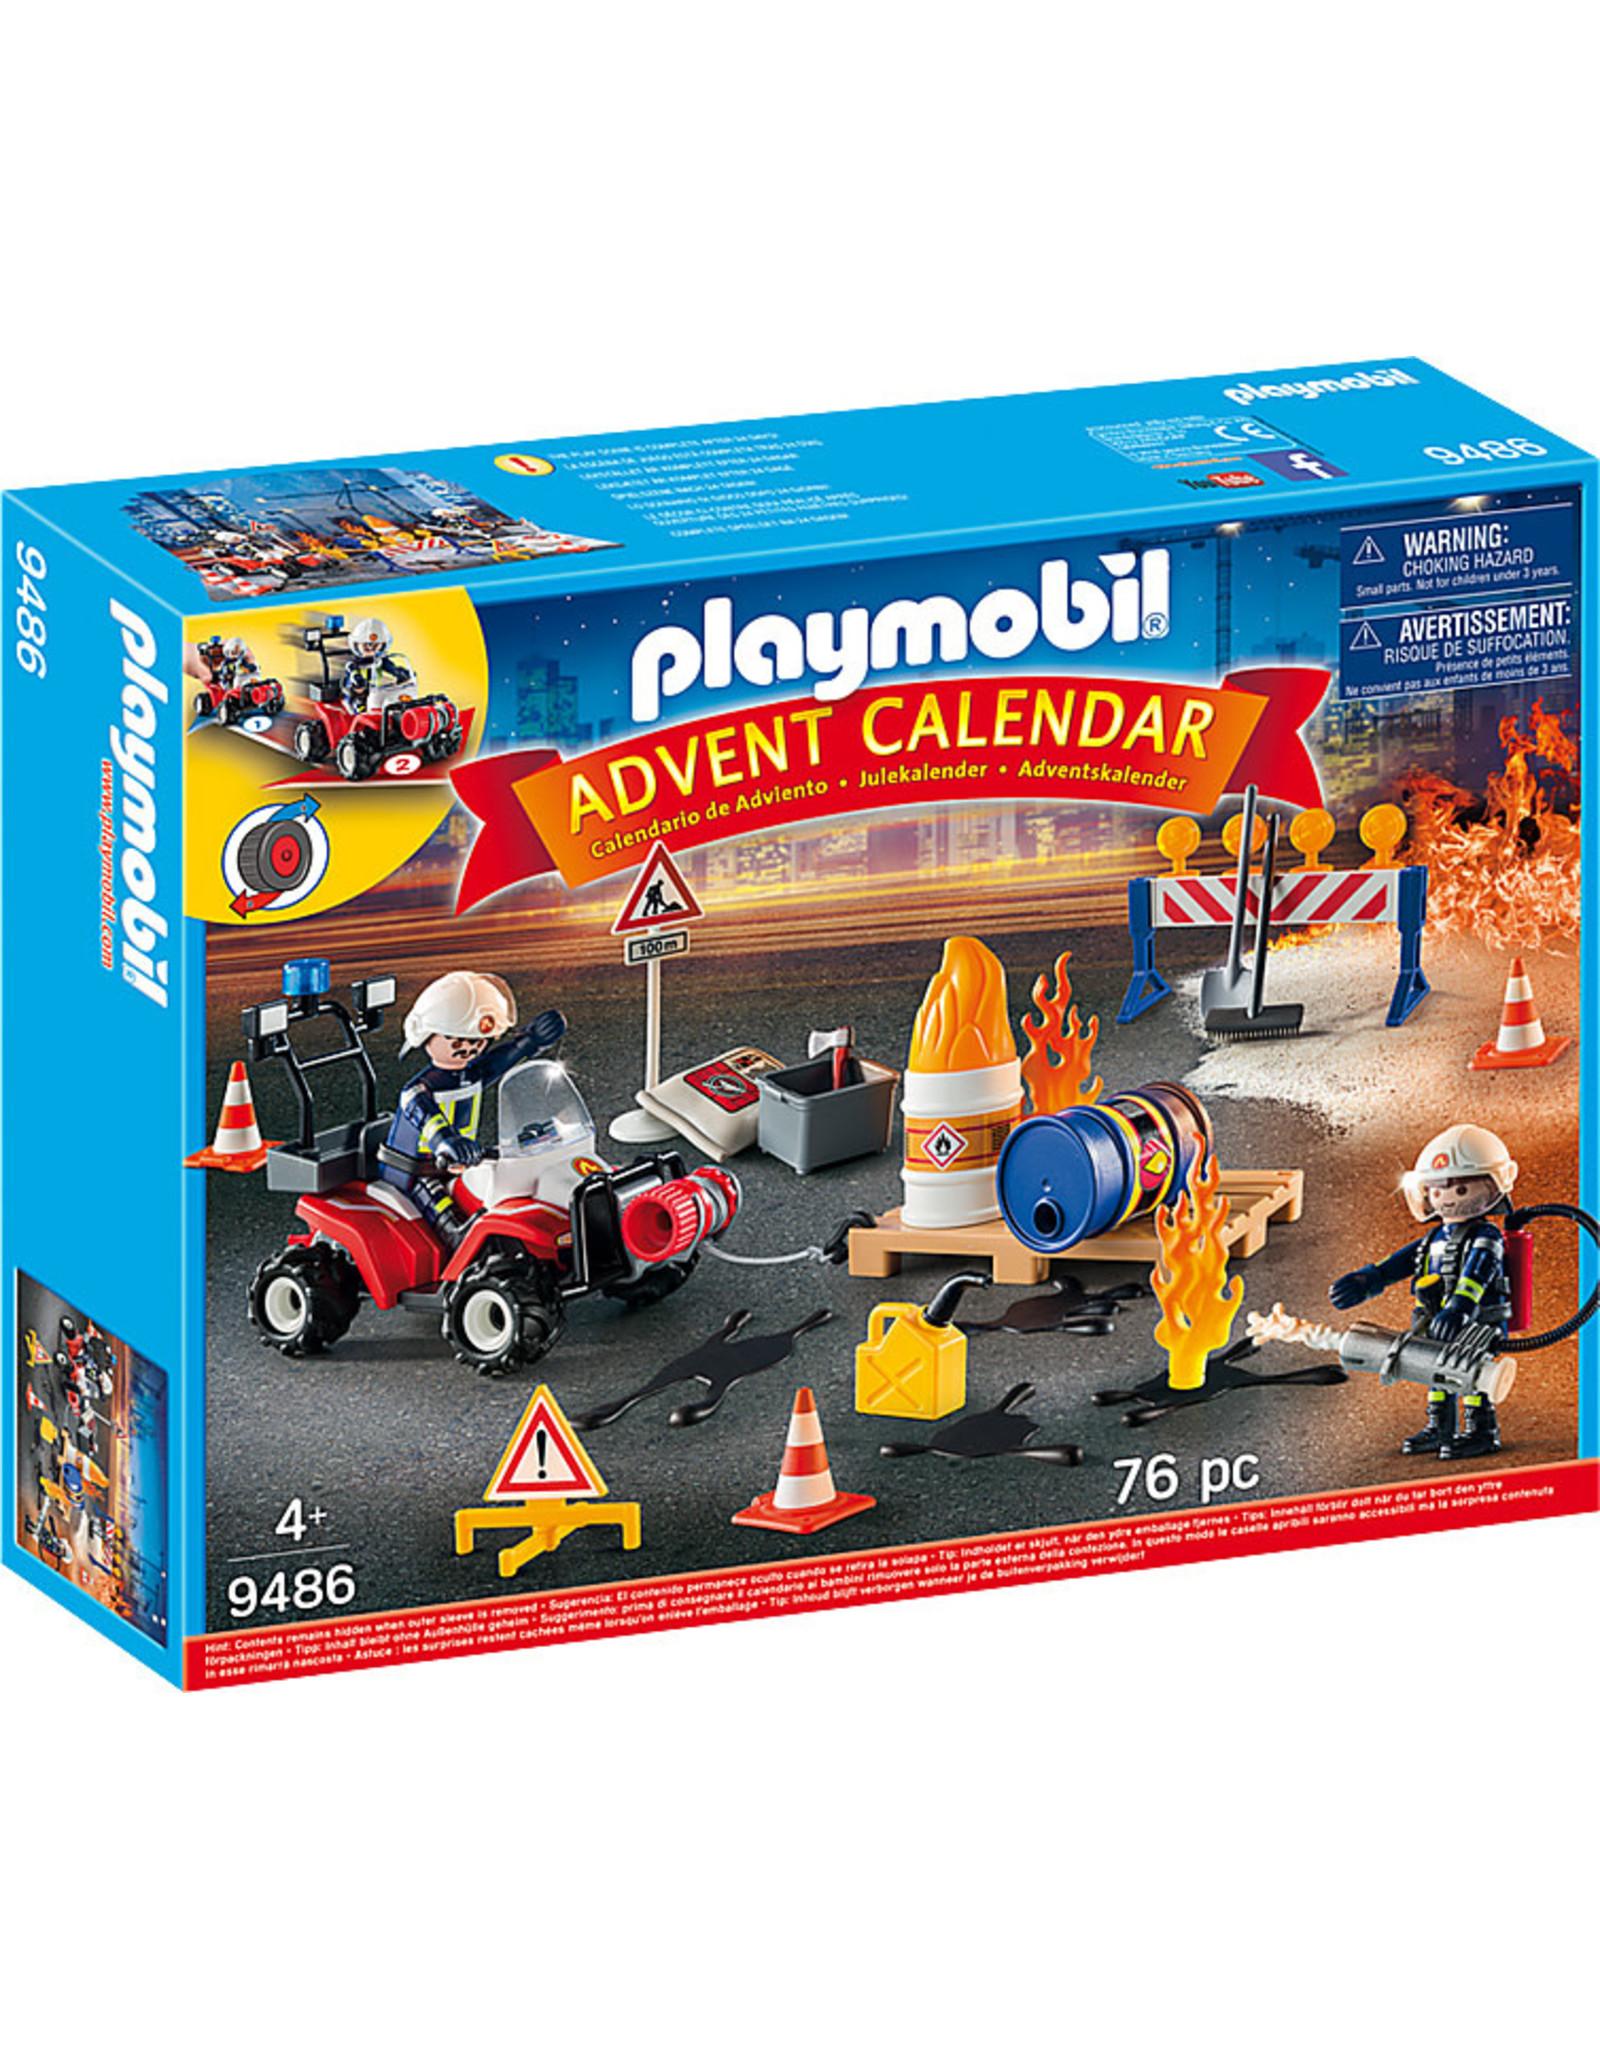 Playmobil Advent Calendar Fire Brigades or Police